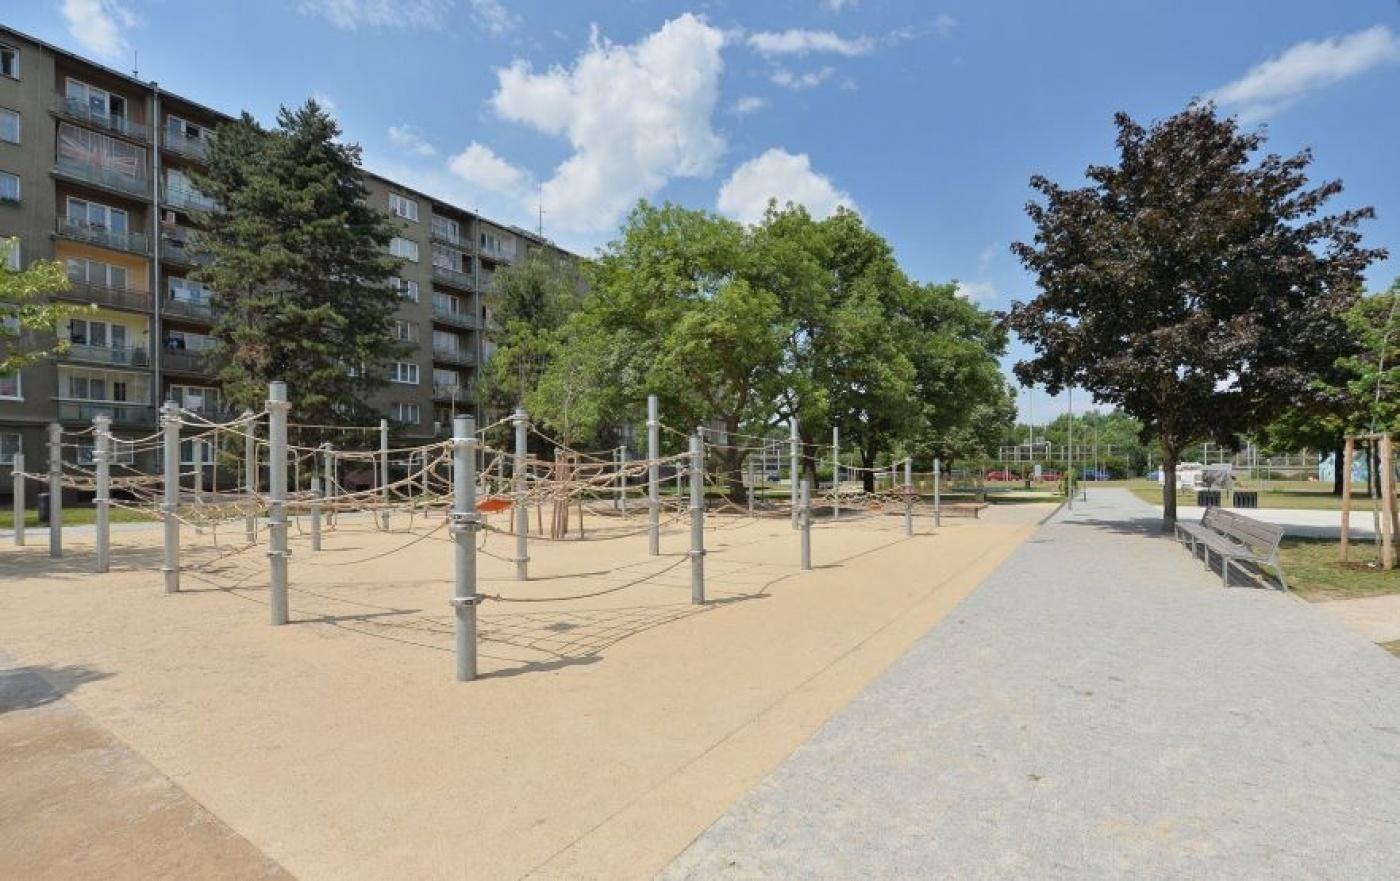 Půdní byt 2+kk, plocha 77 m², ulice Lihovarská, Praha 9 - Libeň, cena 6 117 000 Kč | 10